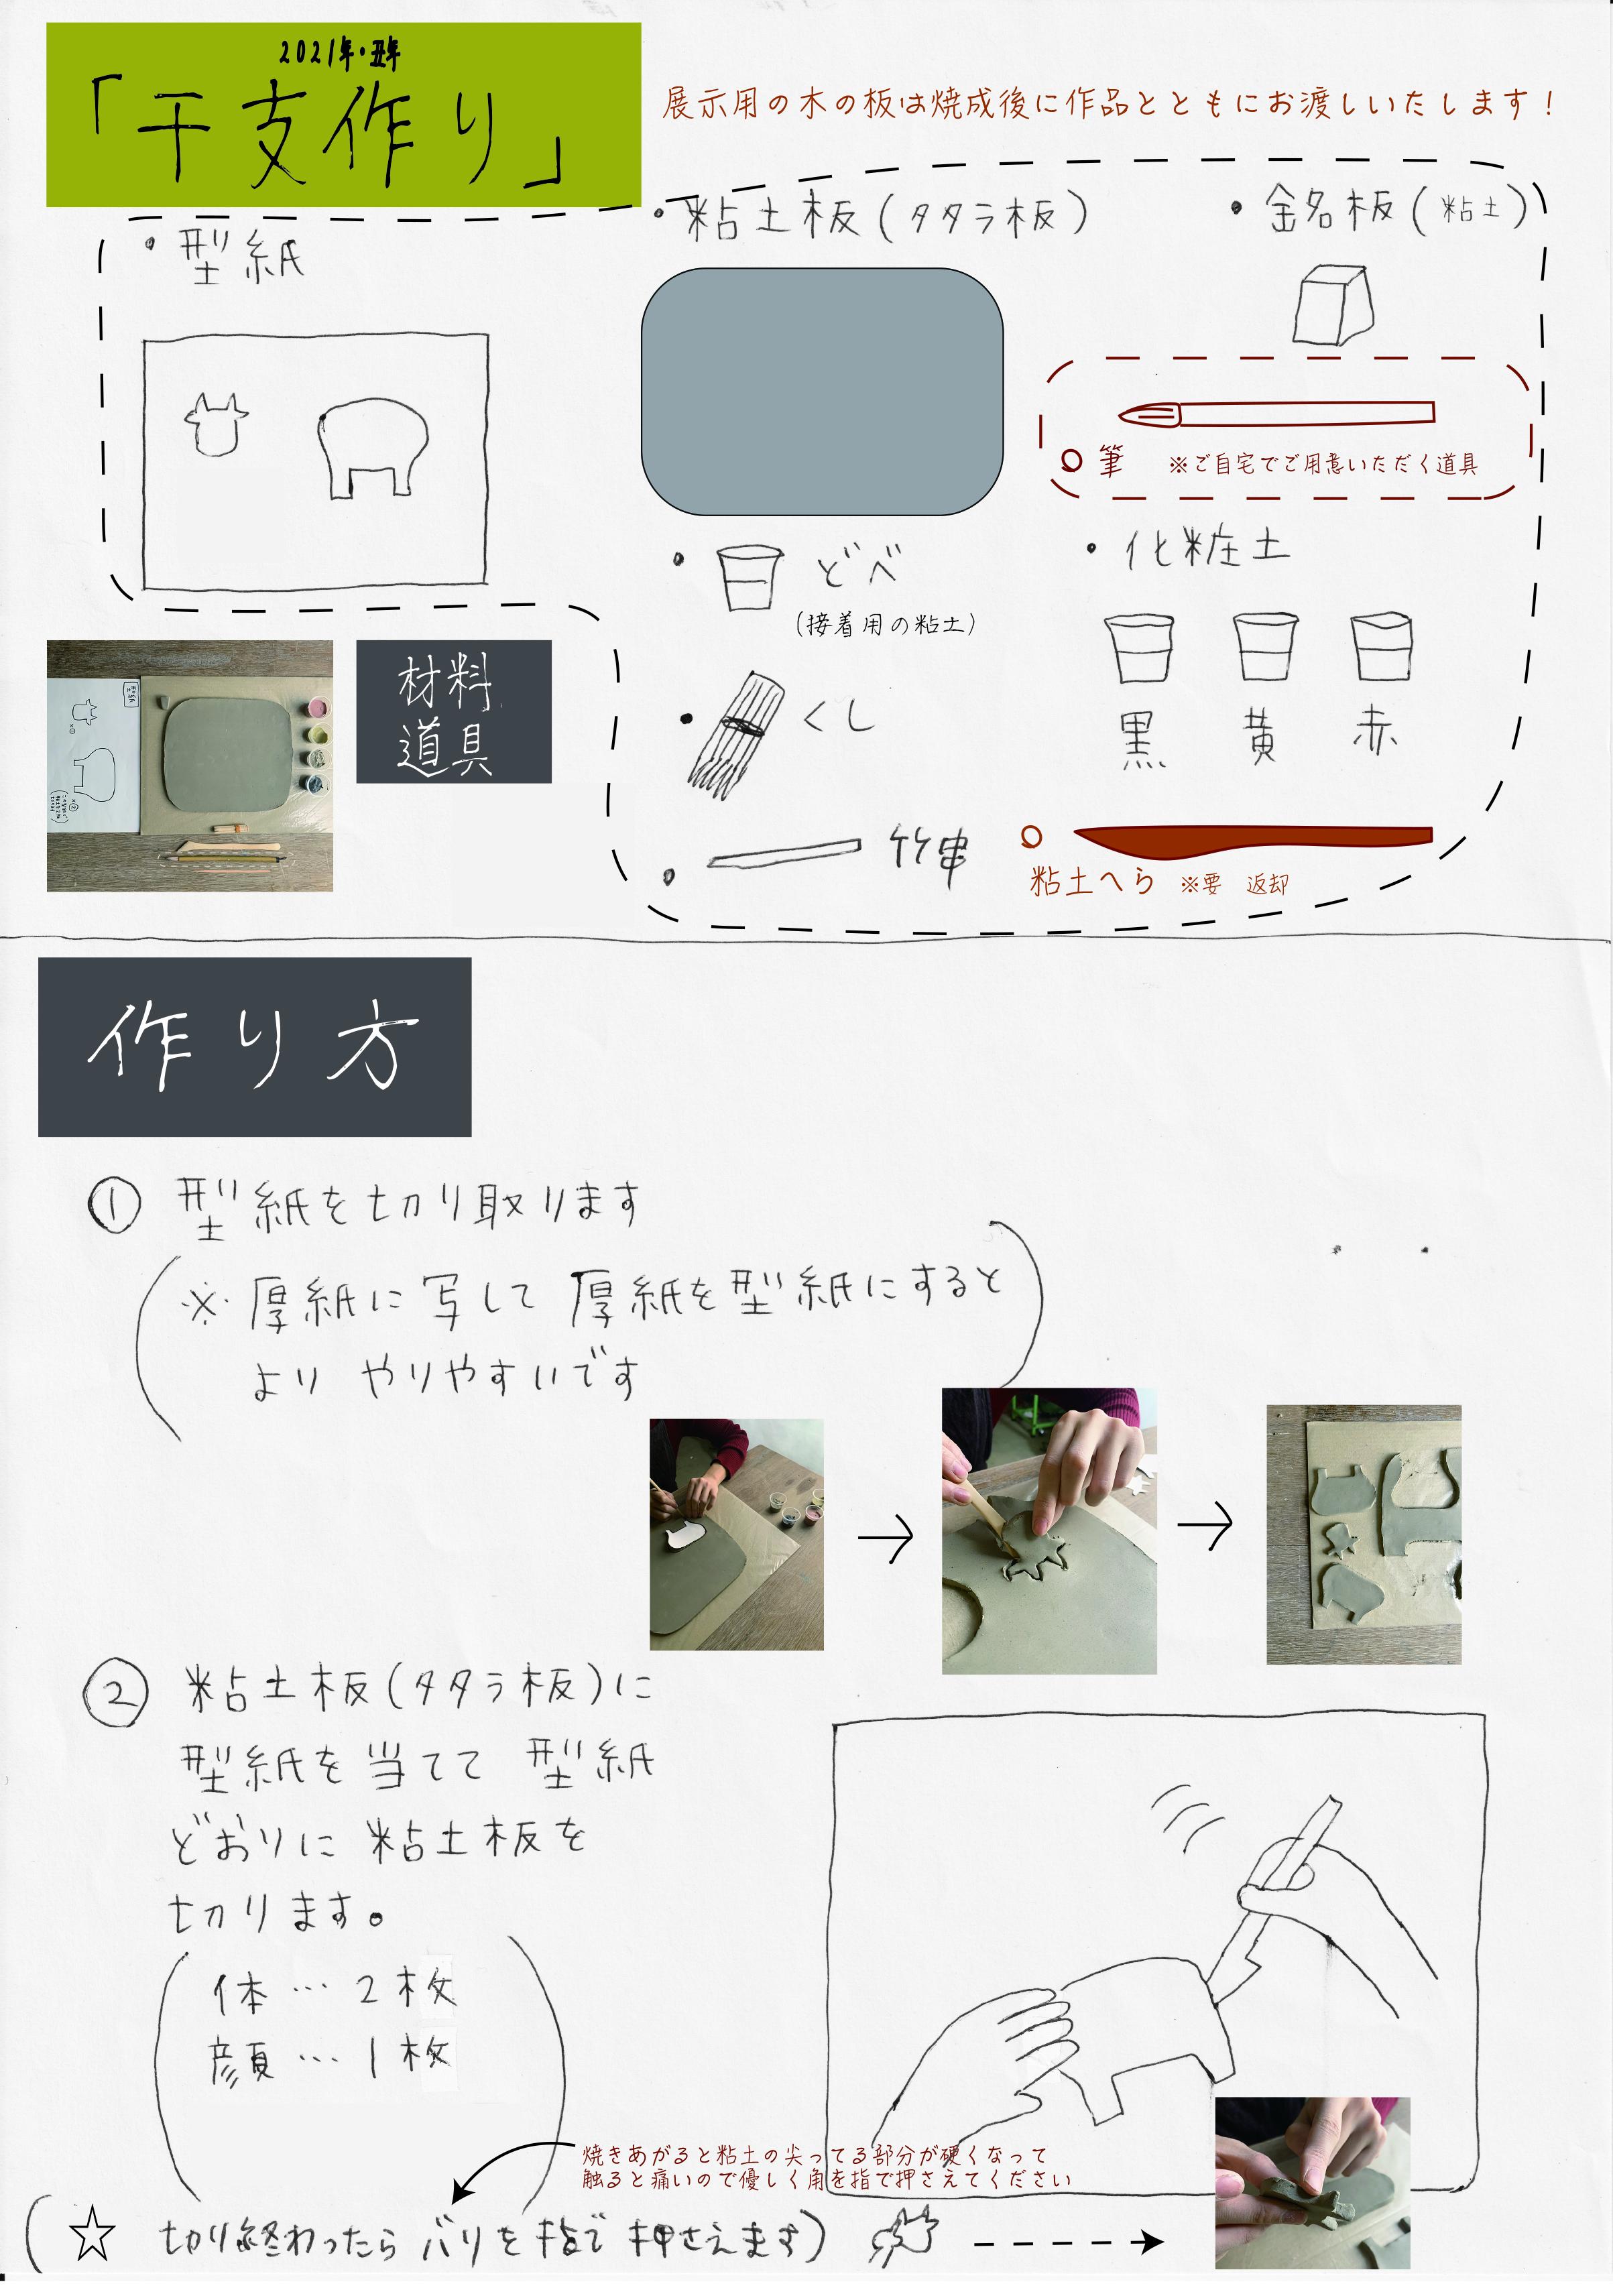 https://www.record-jp.com/news/entry_images/%E5%B9%B2%E6%94%AF-001.jpg